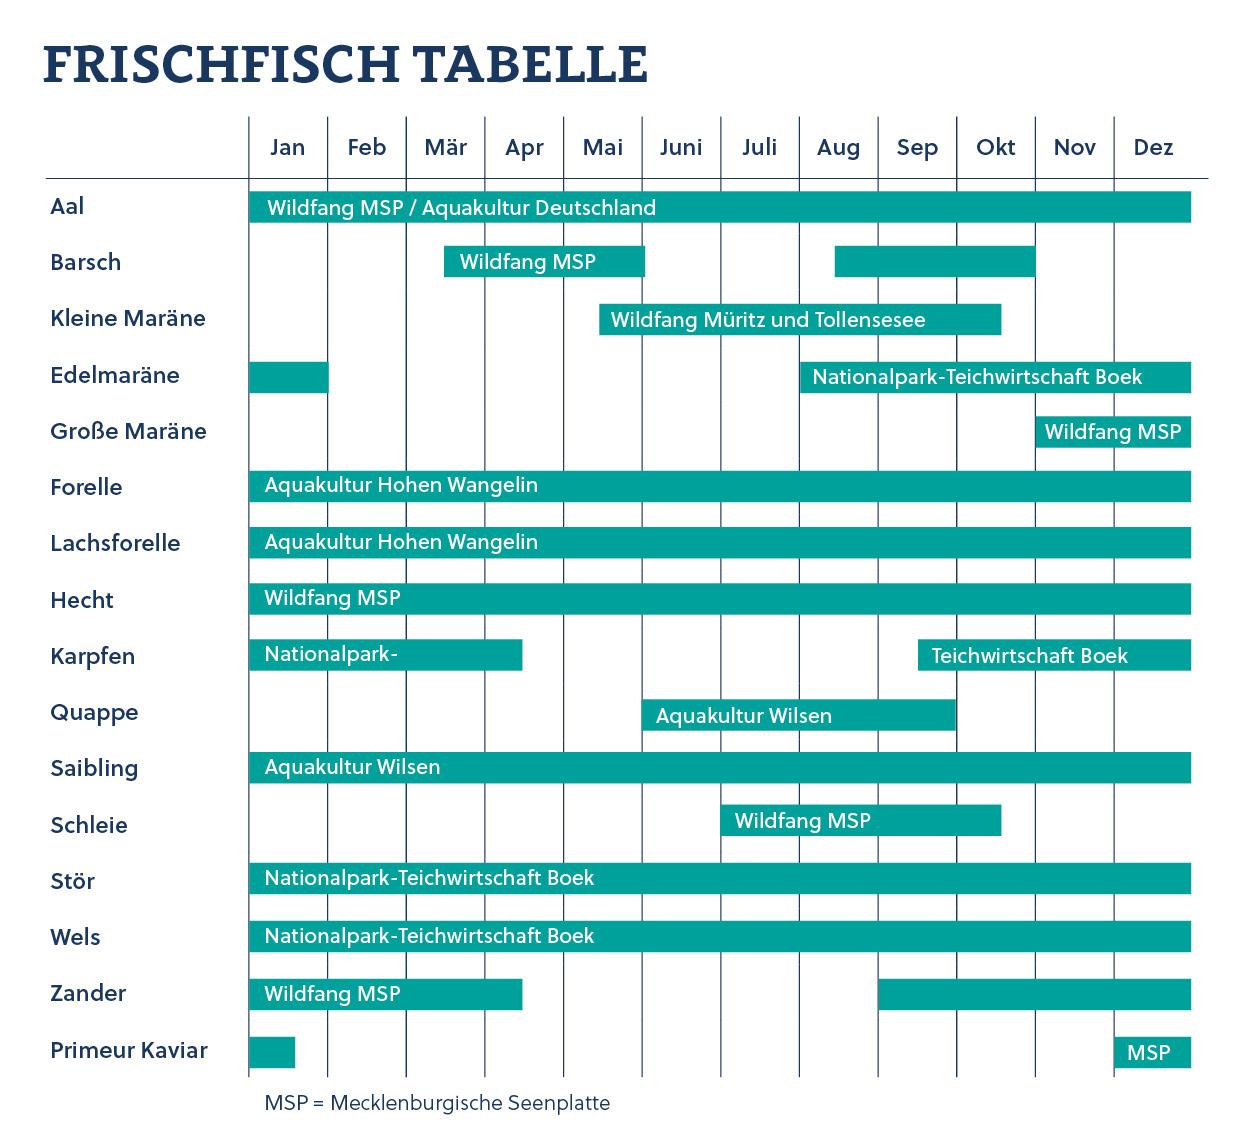 Frischfisch Tabelle - Peenefischer - Fischerei Salem